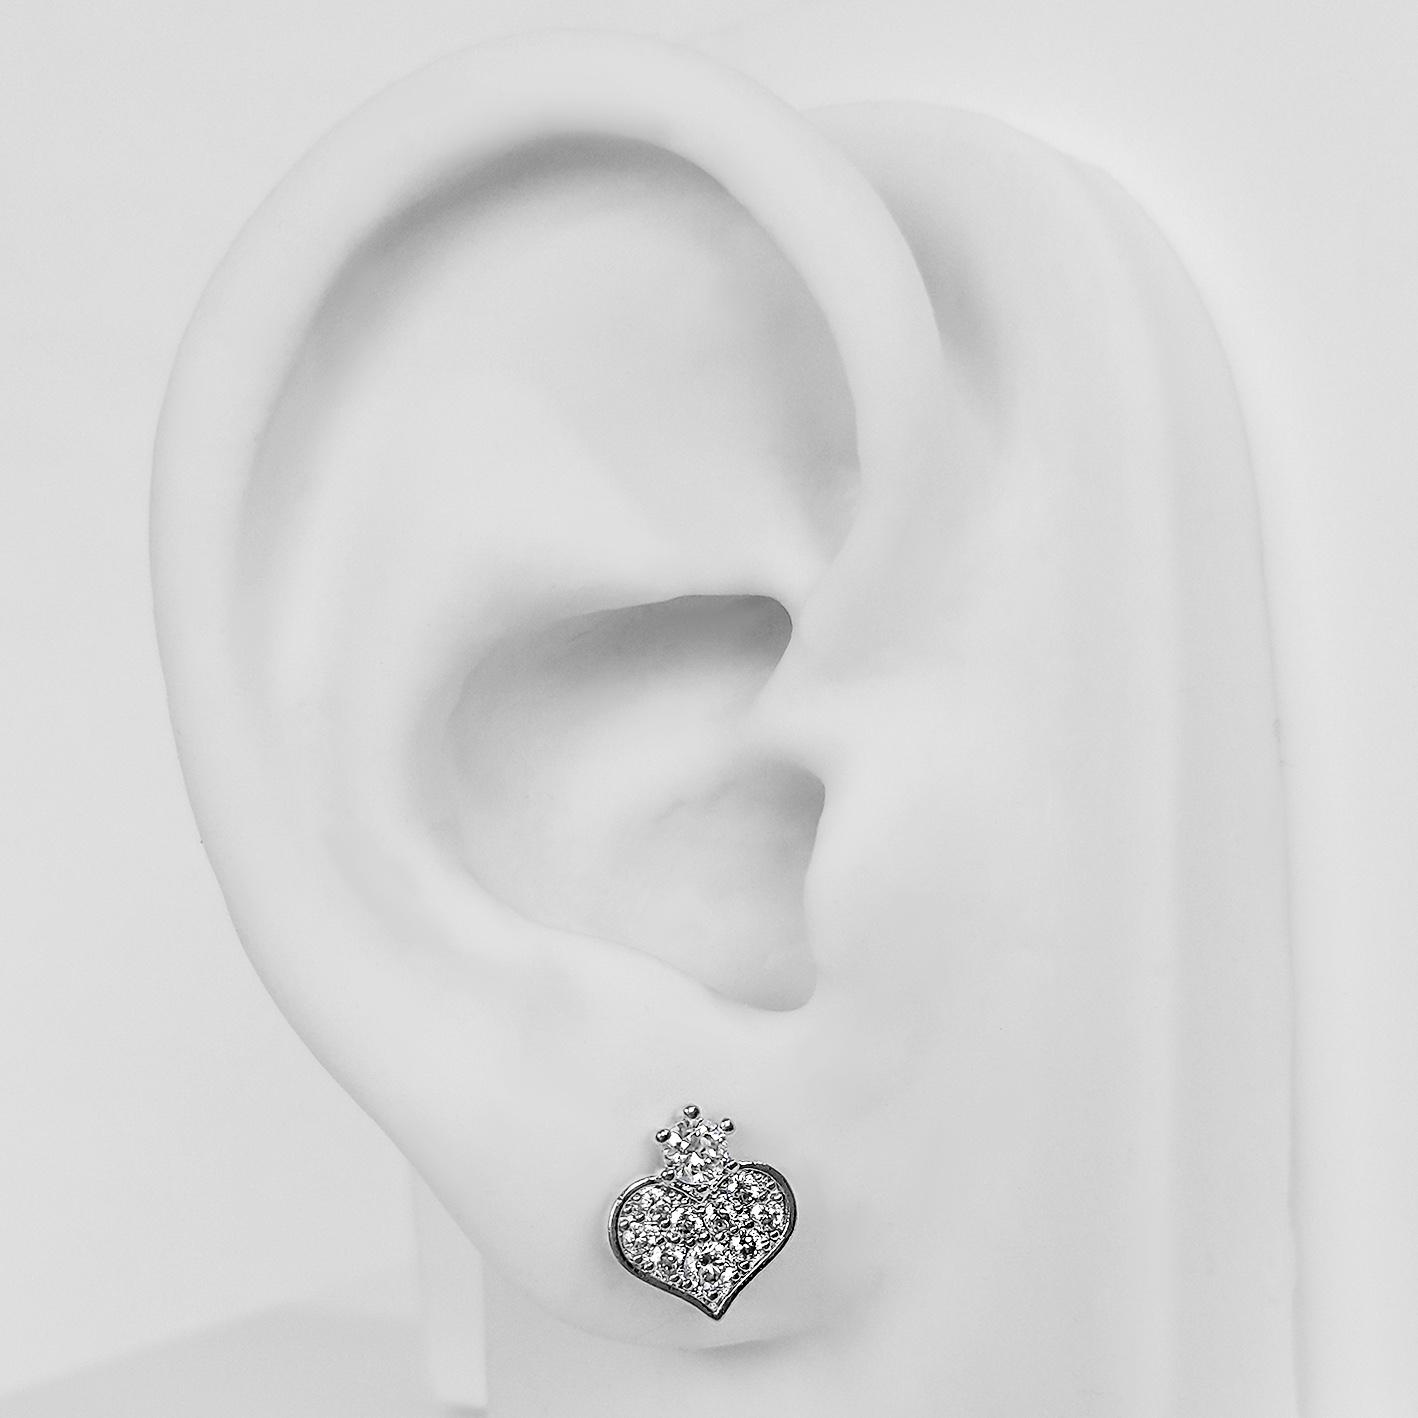 Brinco Pequeno Coração com Zircônias Folheado a Prata 1000  - Lunozê Joias